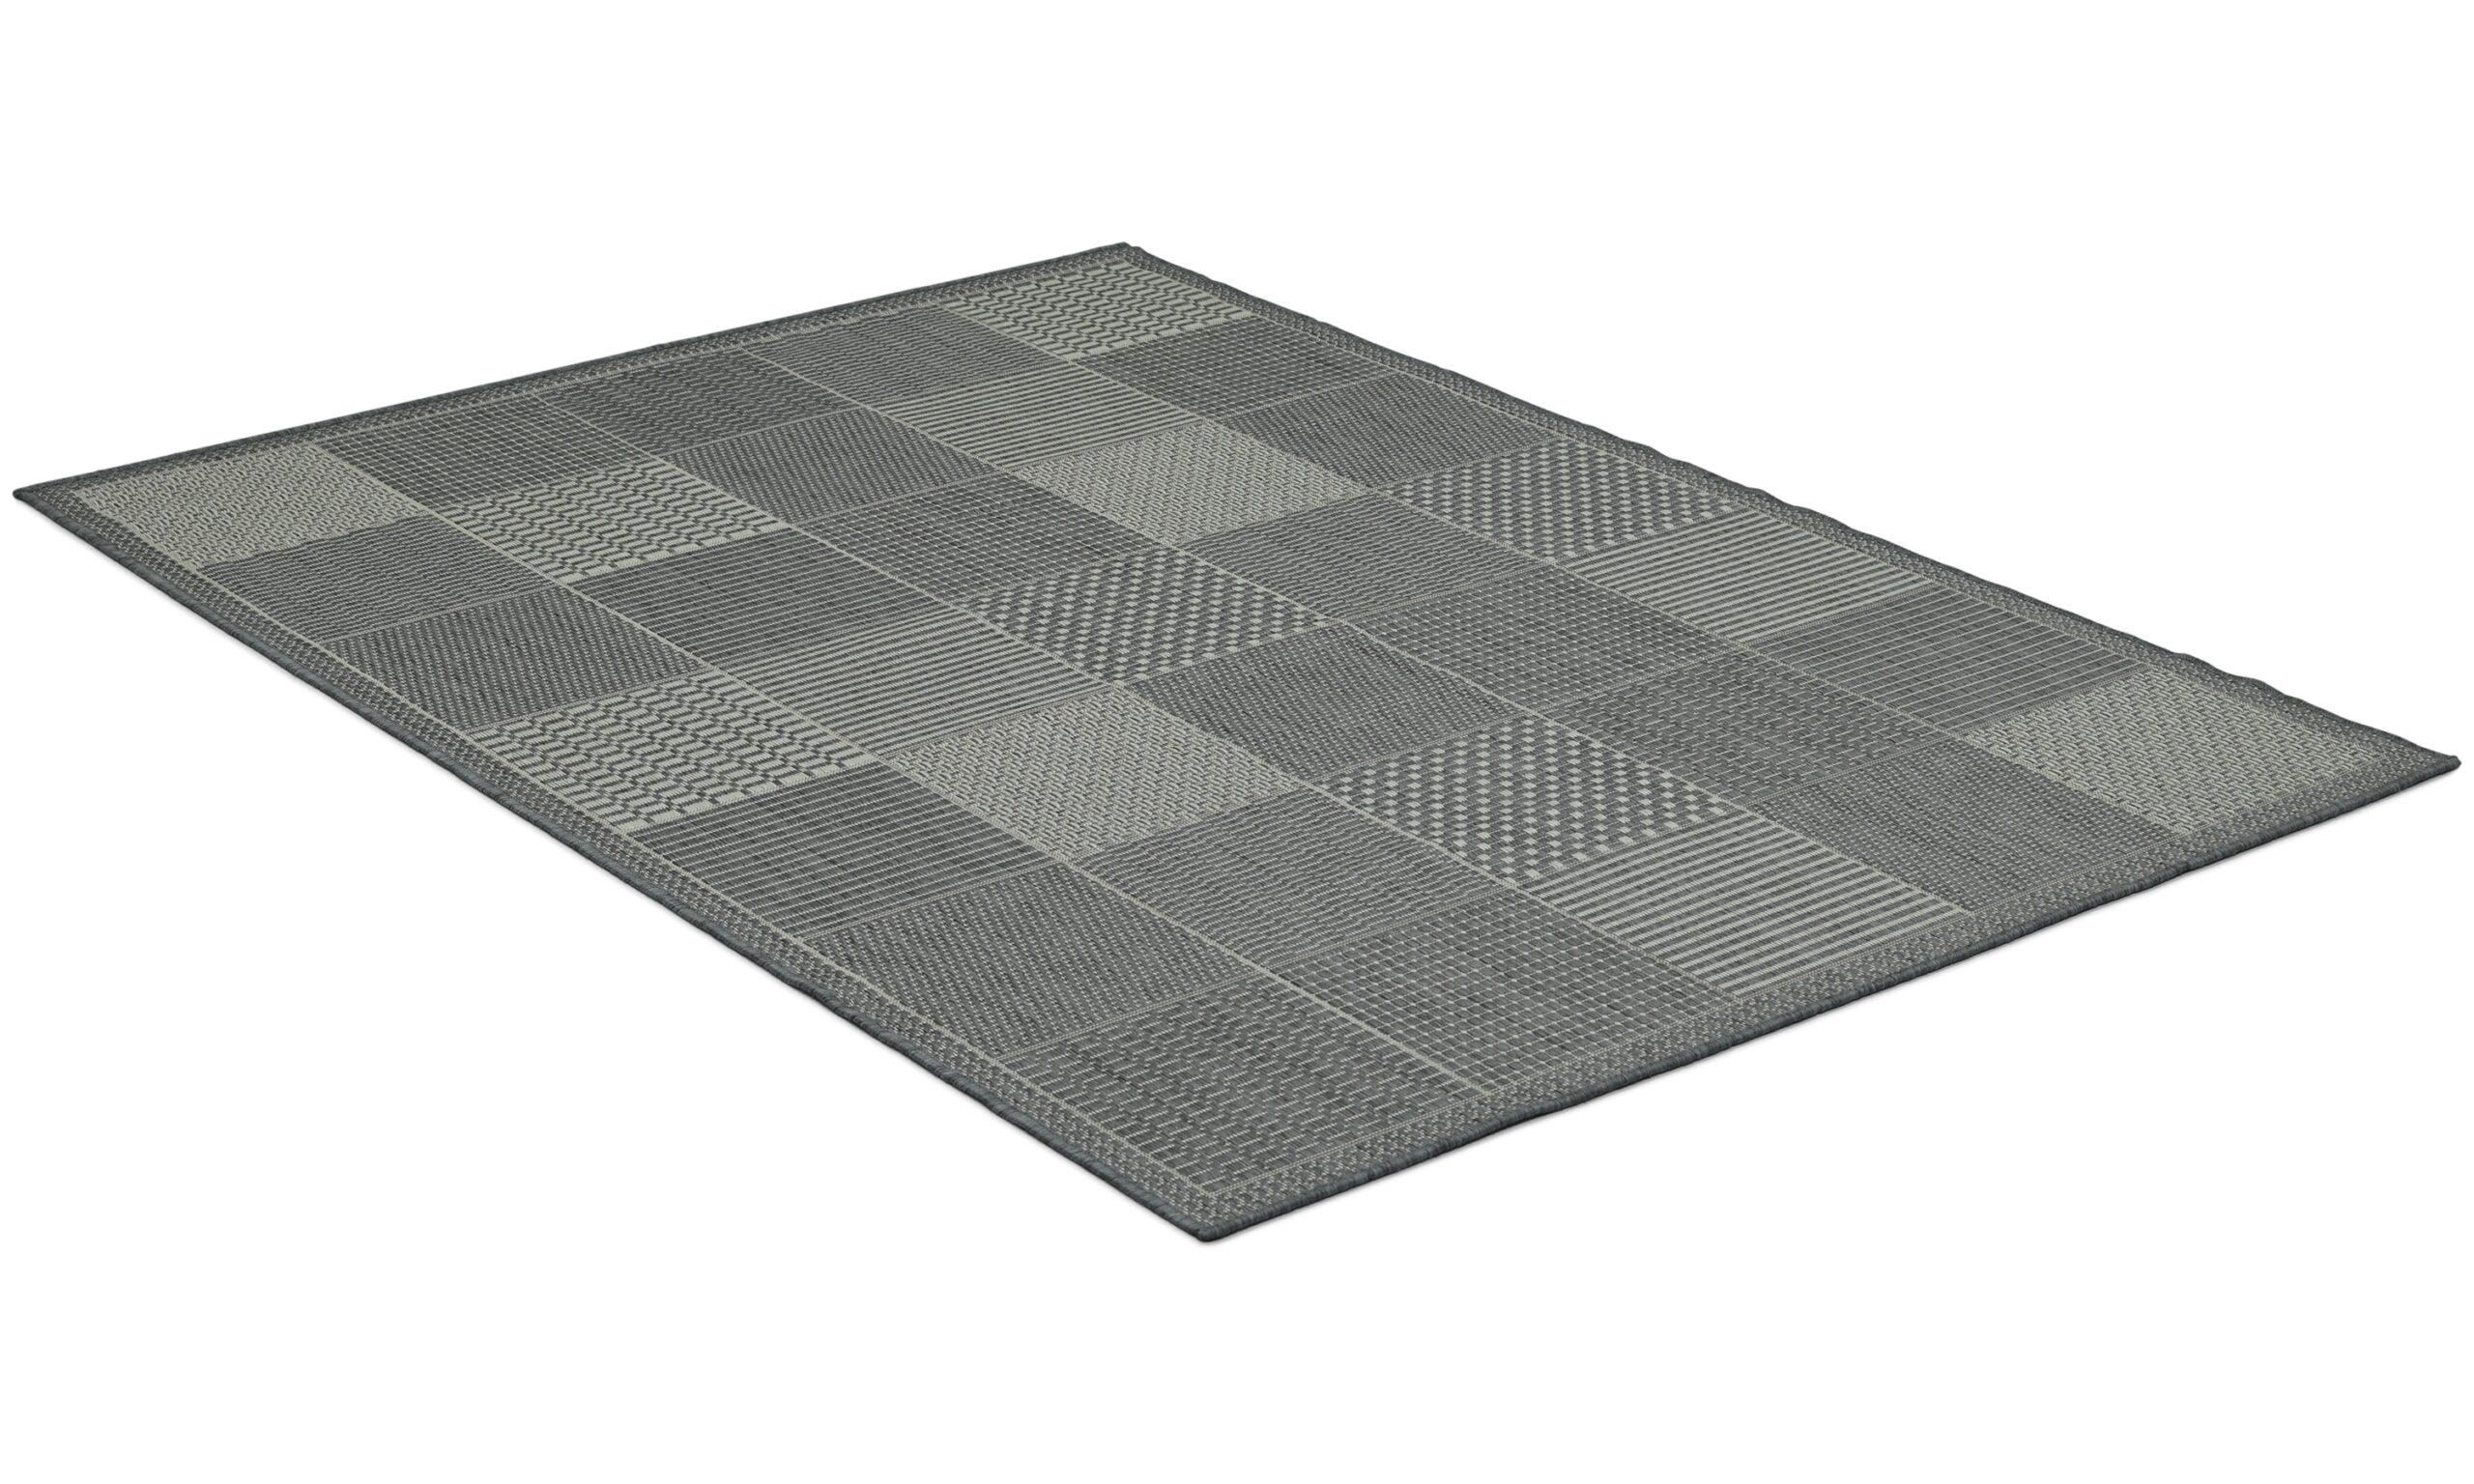 Taverna champ/grey - flatvävd matta